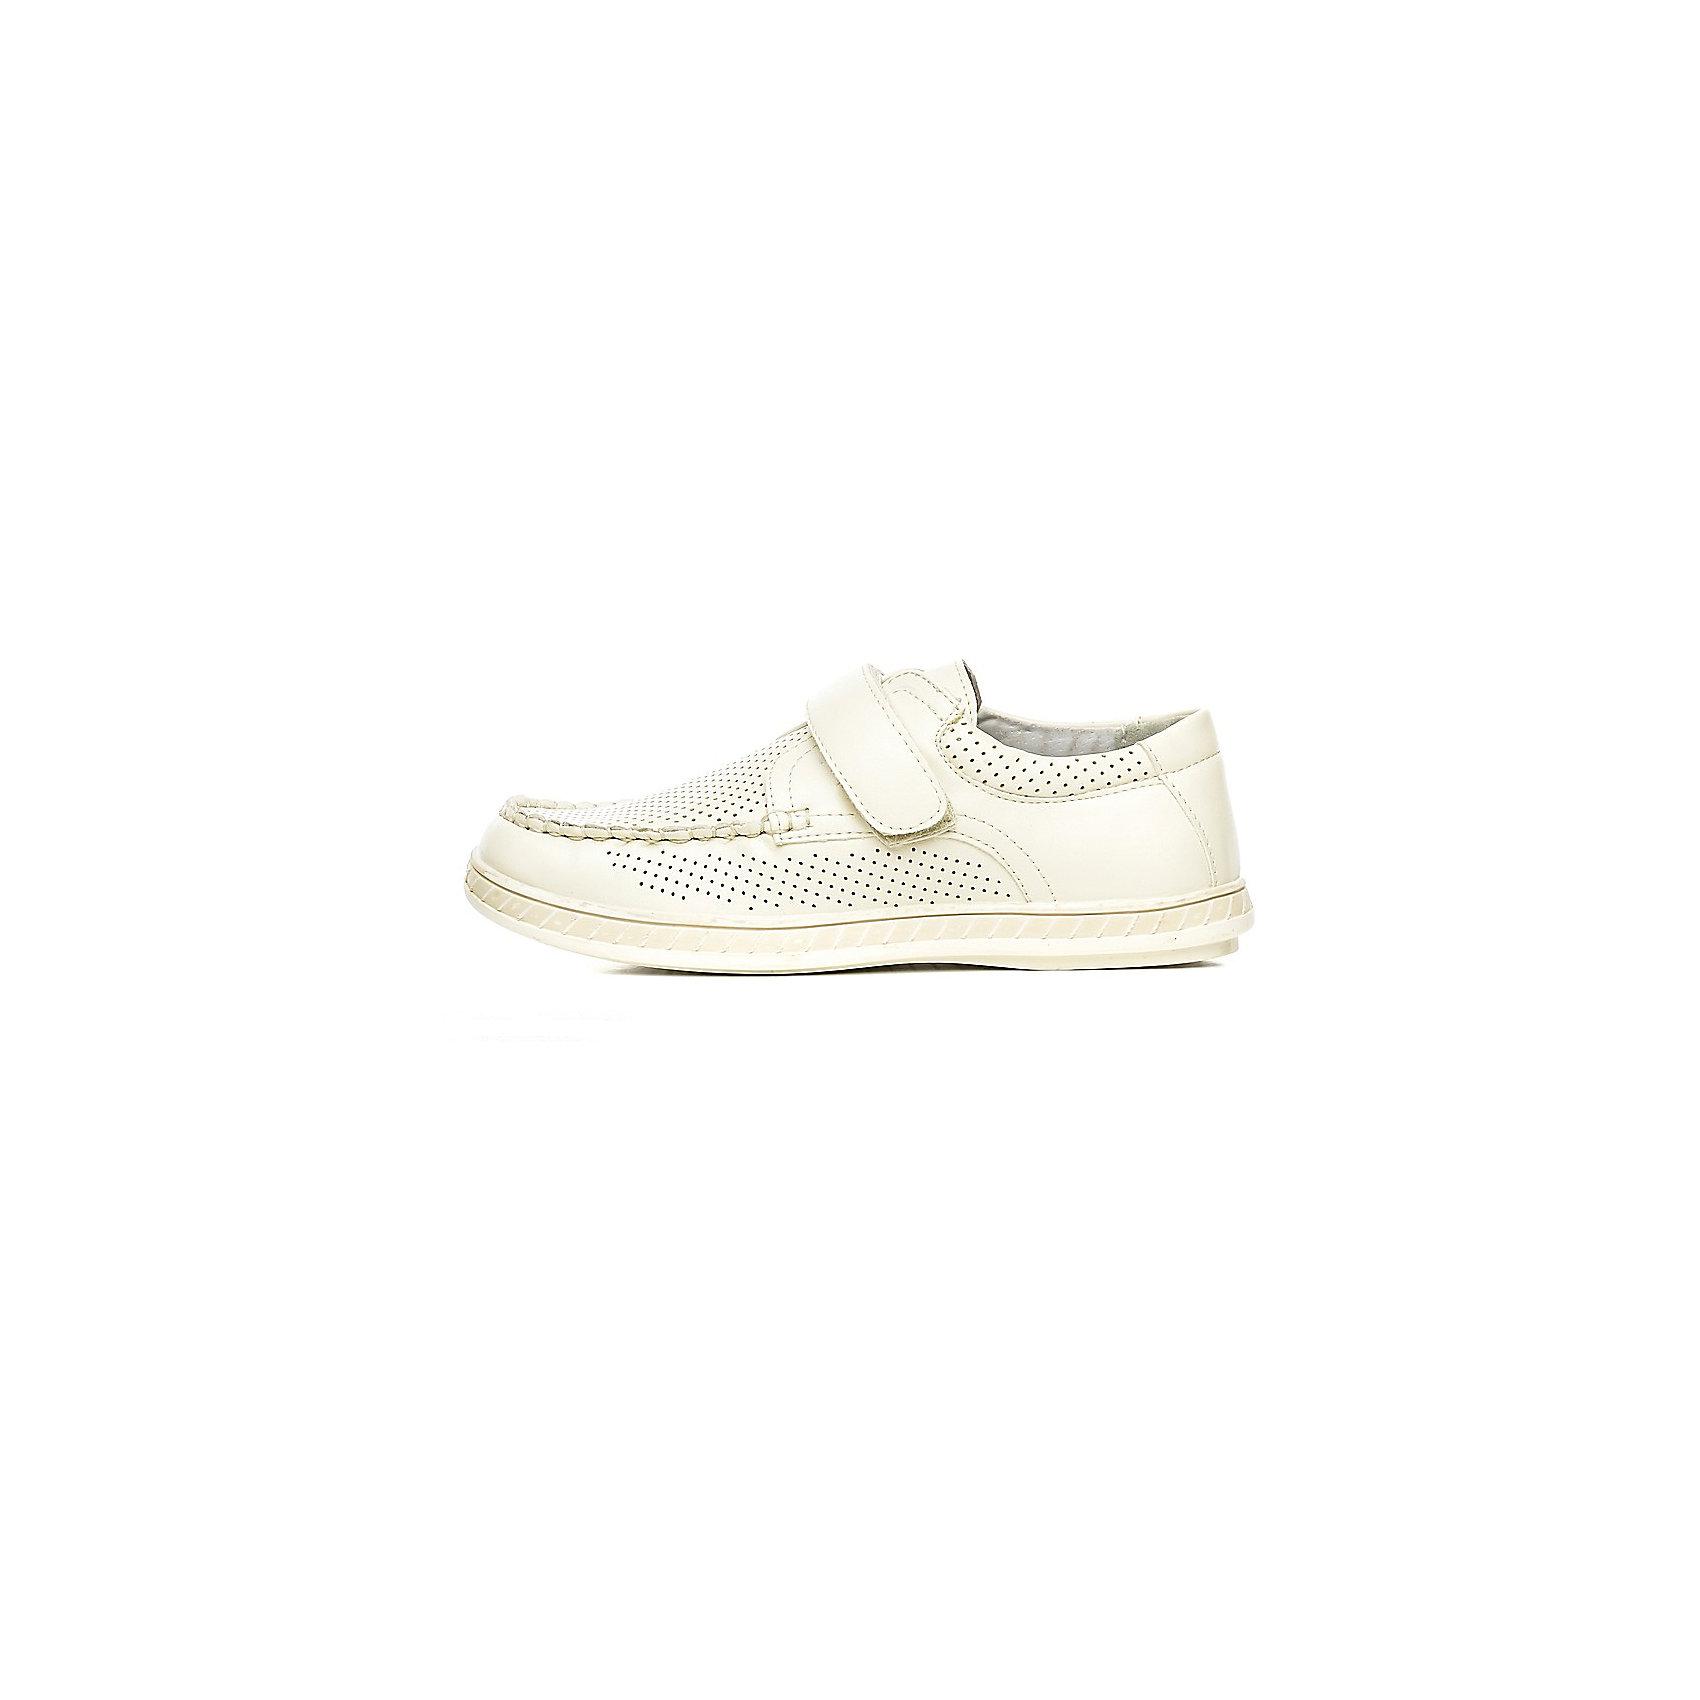 Полуботинки для мальчика ЗебраПолуботинки для мальчика от известного российского бренда детской обуви Зебра.<br>Красивые белые полуботинки станут изюминкой наряда ребенка. Они эффектно смотрятся благодаря модному дизайну и качественному исполнению.<br>Отличительные особенности модели:<br>- цвет белый;<br>- комфортная колодка;<br>- устойчивая износостойкая подошва;<br>- удобные застежки-липучки;<br>- мягкий верхний кант для предотвращения потертостей;<br>- материал подкладки – натуральная кожа.<br>Дополнительная информация:<br>- Температурный режим: от + 5° С  до + 20° С.<br>- Состав:<br>материал верха: искусственная кожа<br>материал подкладки: натуральная кожа<br>подошва: ТЭП.<br>Полуботинки для мальчика от бренда Зебра можно купить в нашем магазине.<br><br>Ширина мм: 262<br>Глубина мм: 176<br>Высота мм: 97<br>Вес г: 427<br>Цвет: бежевый<br>Возраст от месяцев: 120<br>Возраст до месяцев: 132<br>Пол: Мужской<br>Возраст: Детский<br>Размер: 34,32,37,36,35,33<br>SKU: 4101320